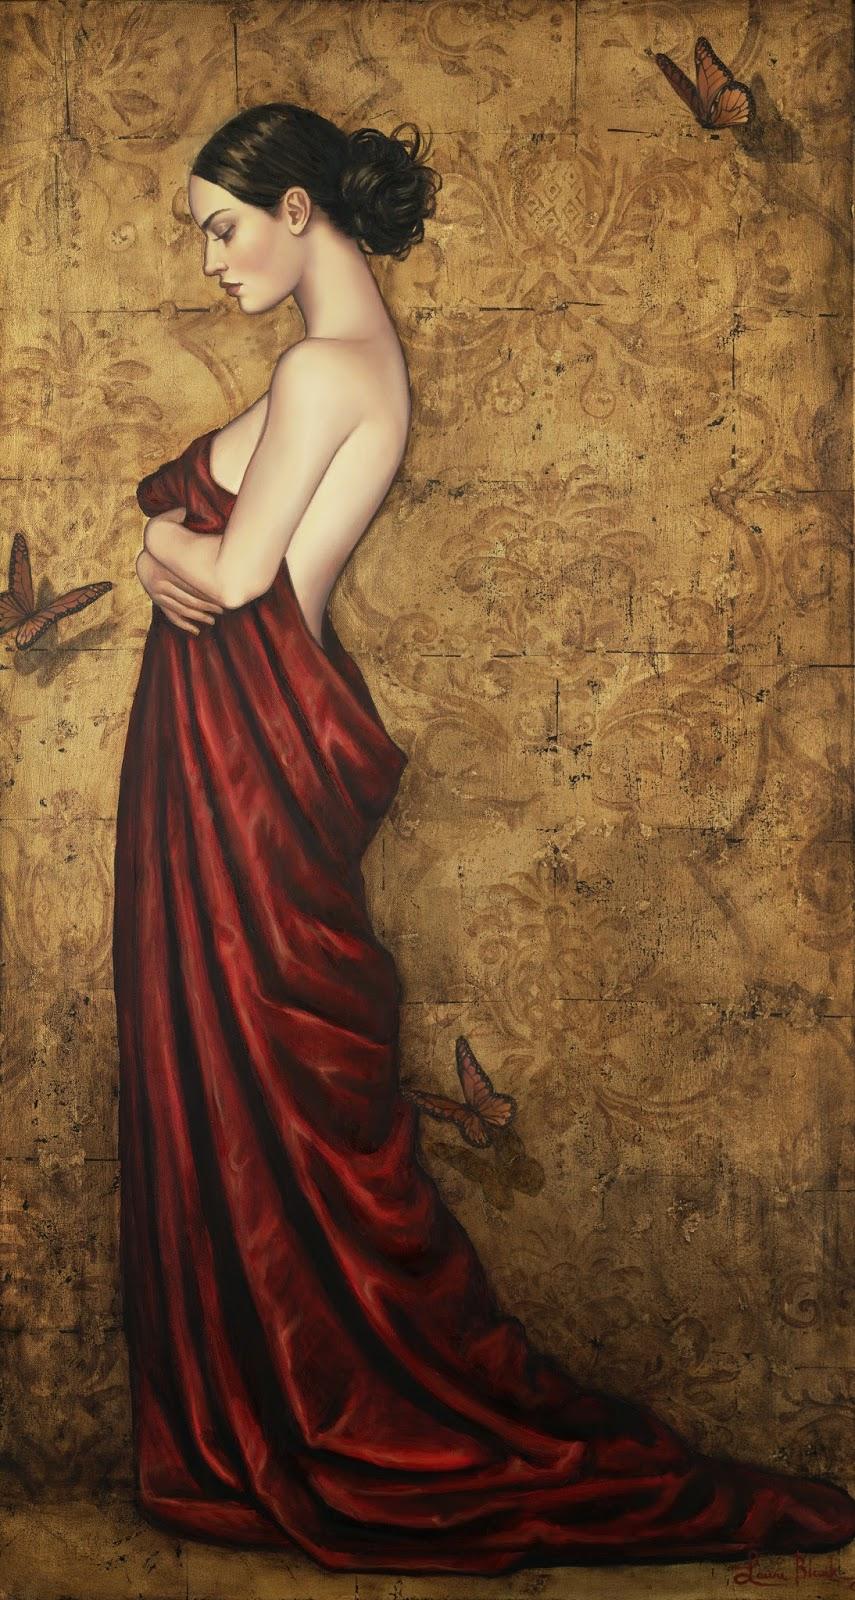 Mulher - Lauri Blank e suas pinturas cheias de emoções